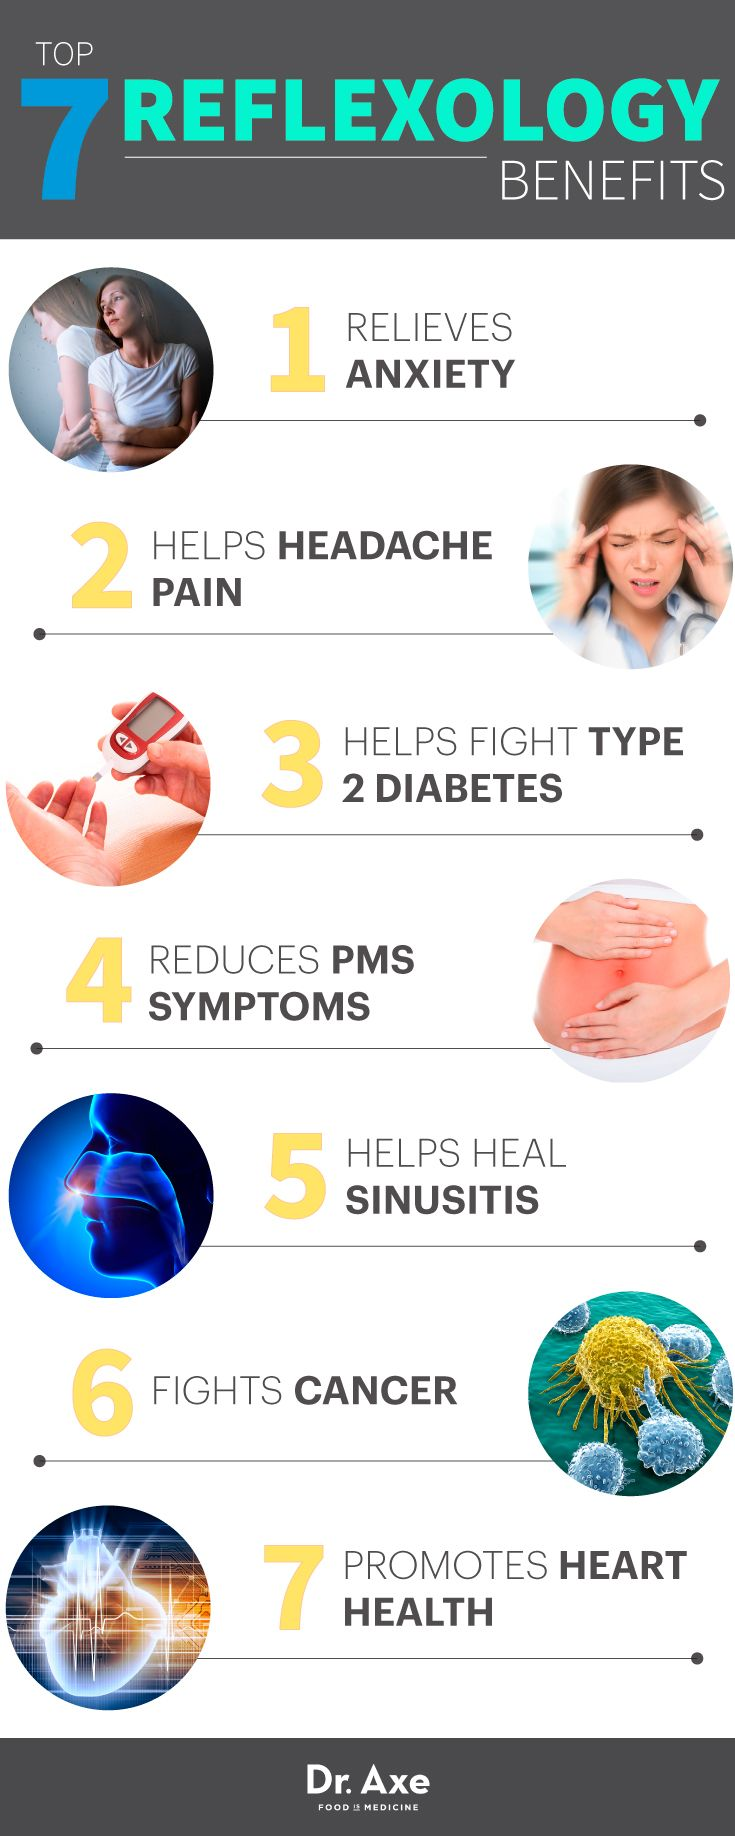 Reflexology Benefits http://www.draxe.com #health #holistic #natural